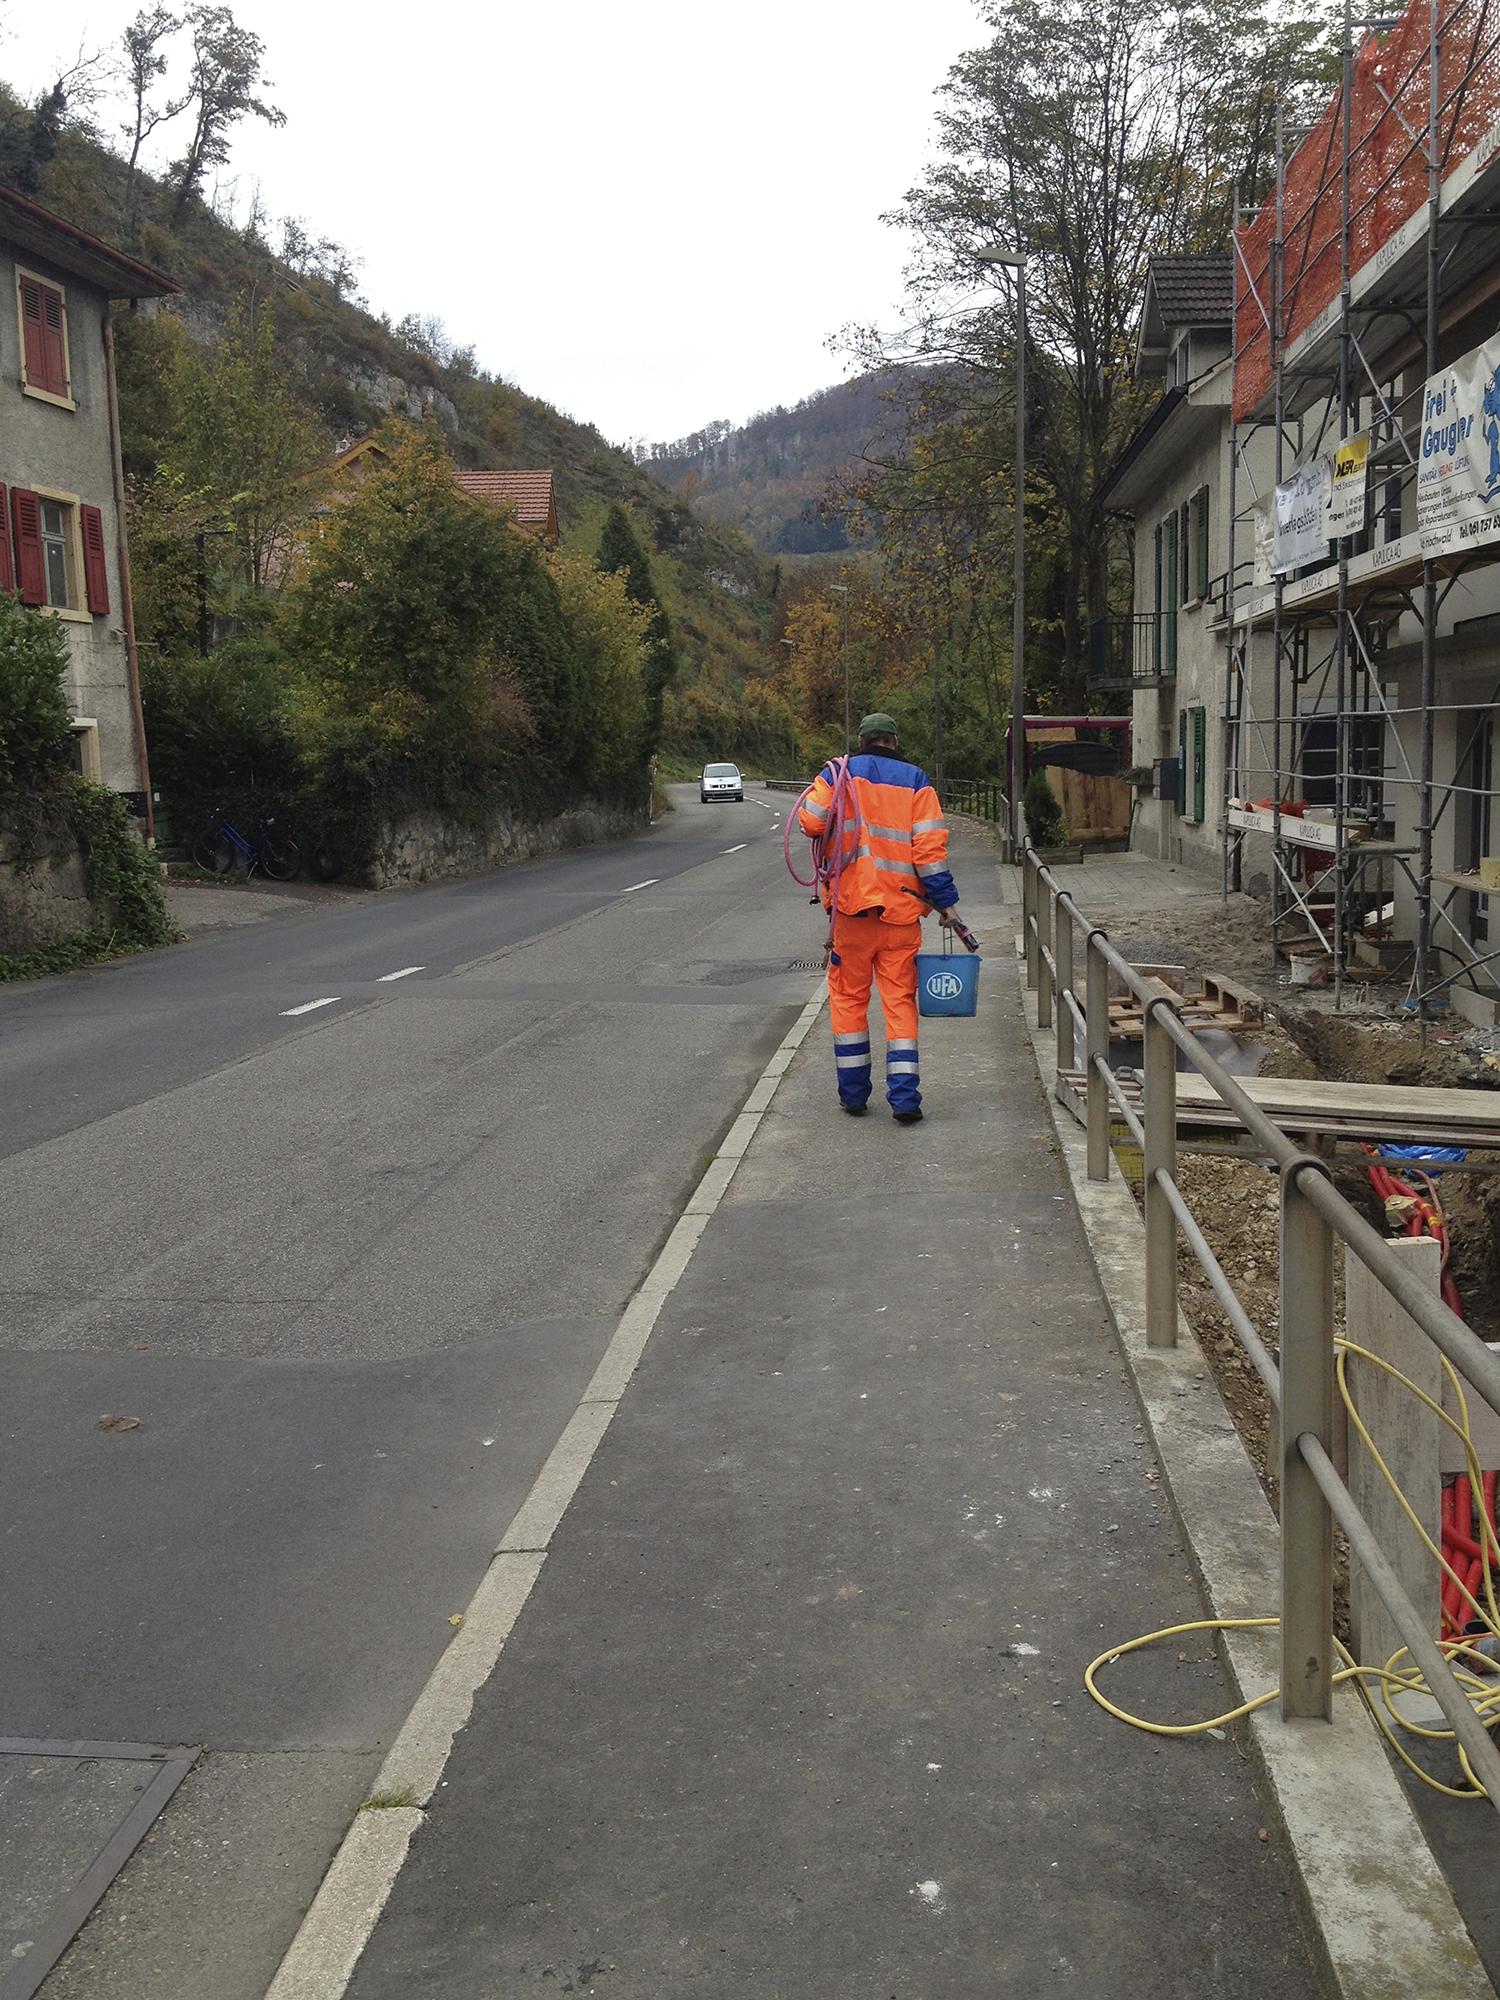 Jeden Arbeitstag laufen die Arbeitenden durch das Dorf Grellingen.